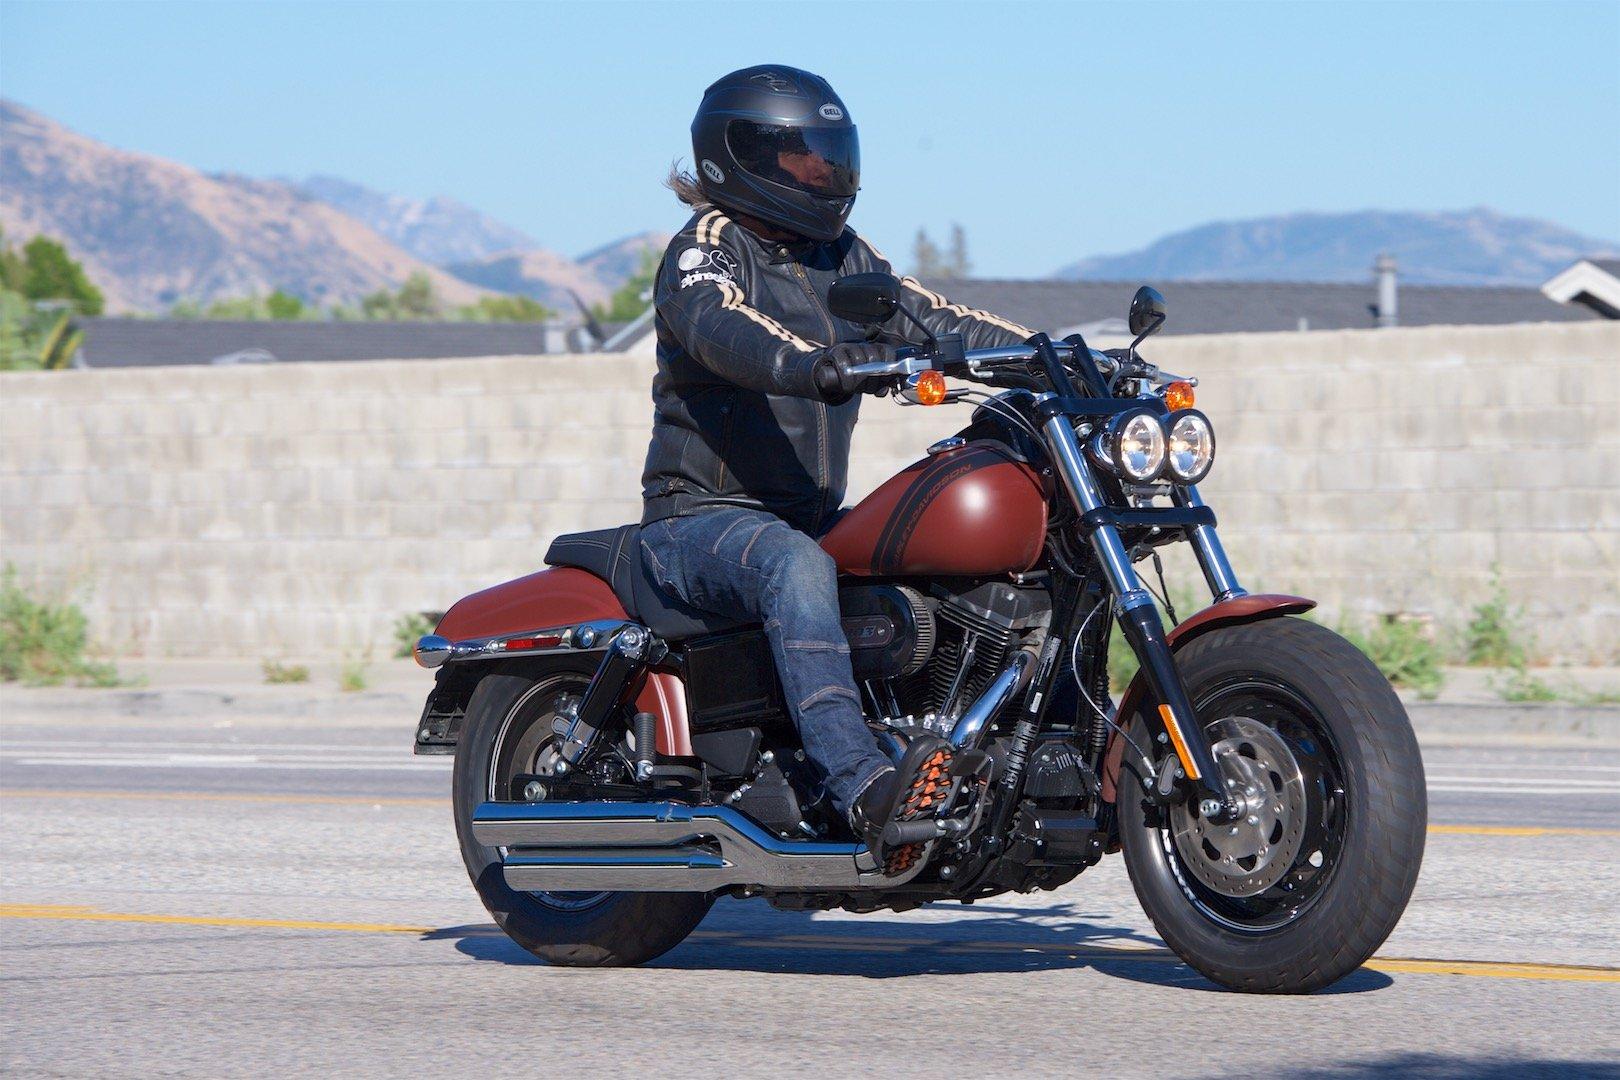 2017 Harley-Davidson Fat Bob Review